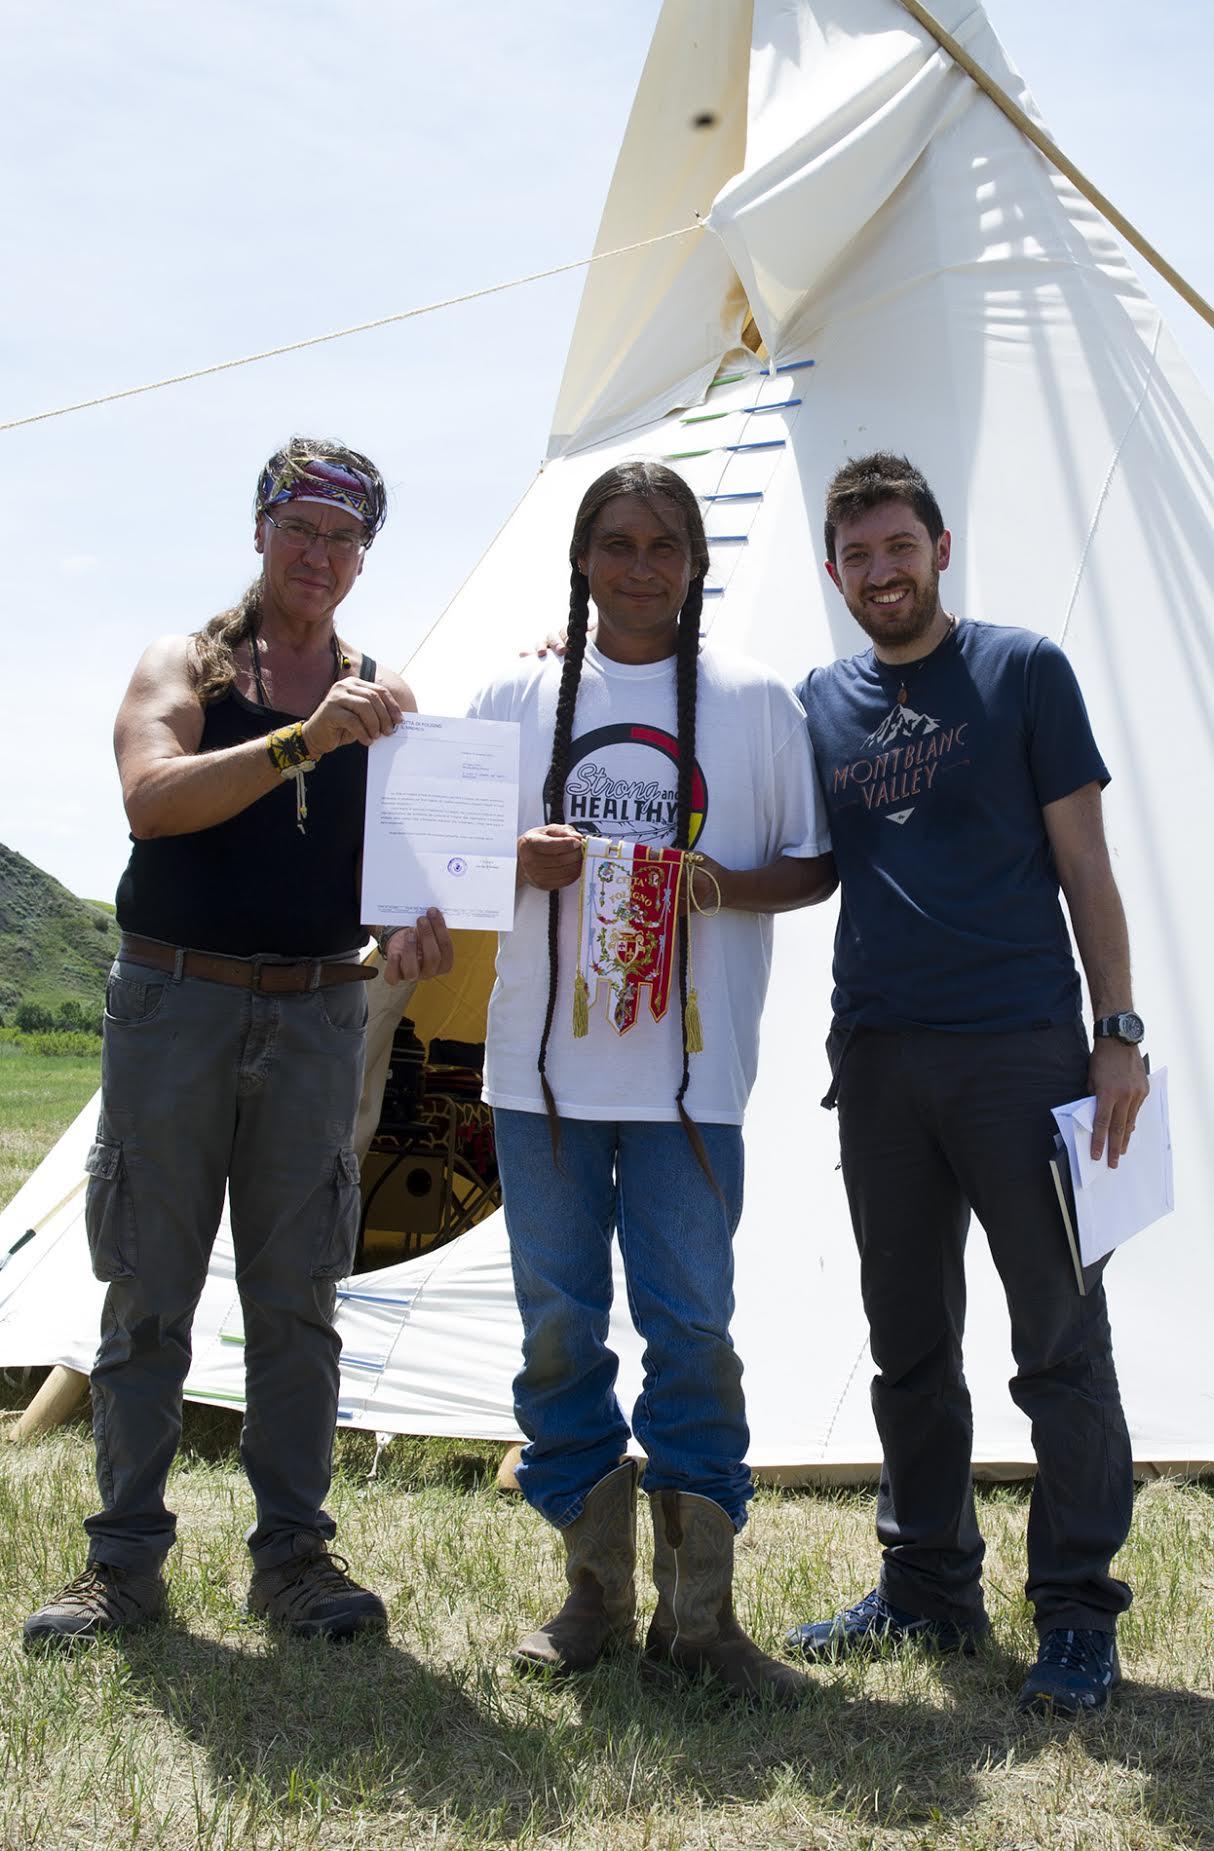 Il Fotografo Alessio Vissani Porta Foligno Nelle Riserve Dei Nativi Americani Rgunotizie